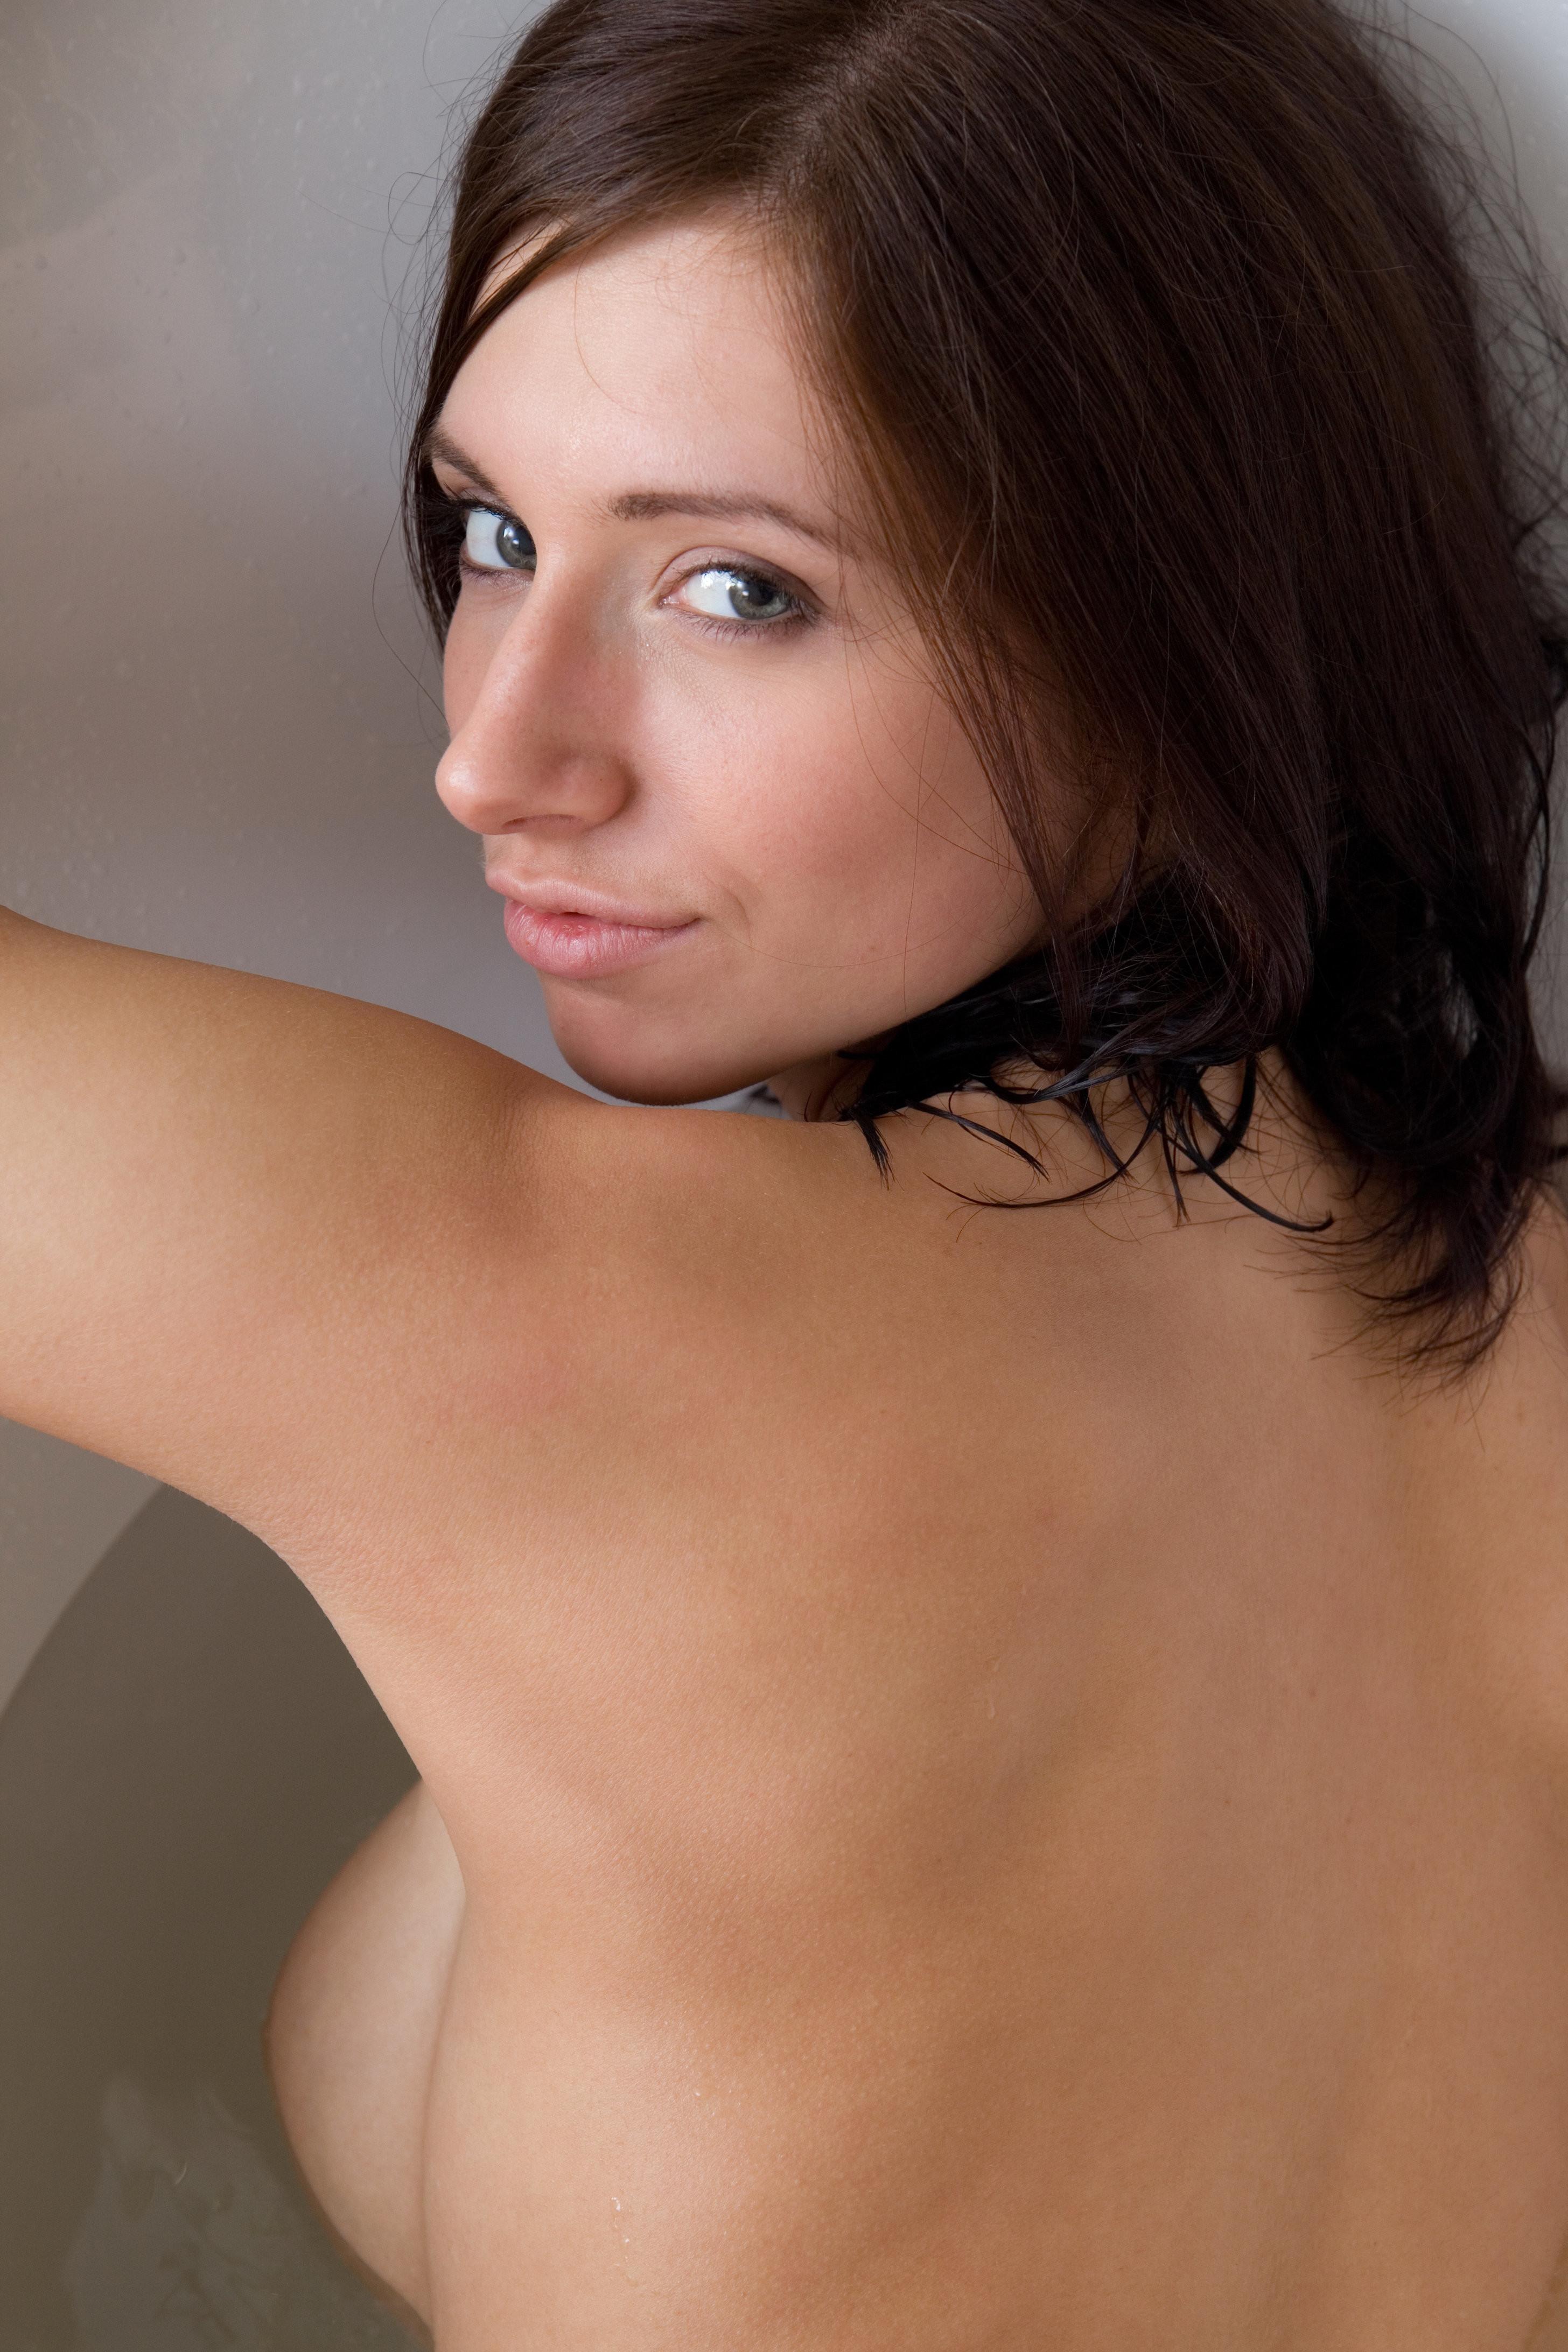 Эротика от сногсшибательной грудастой девушки в теплой ванной